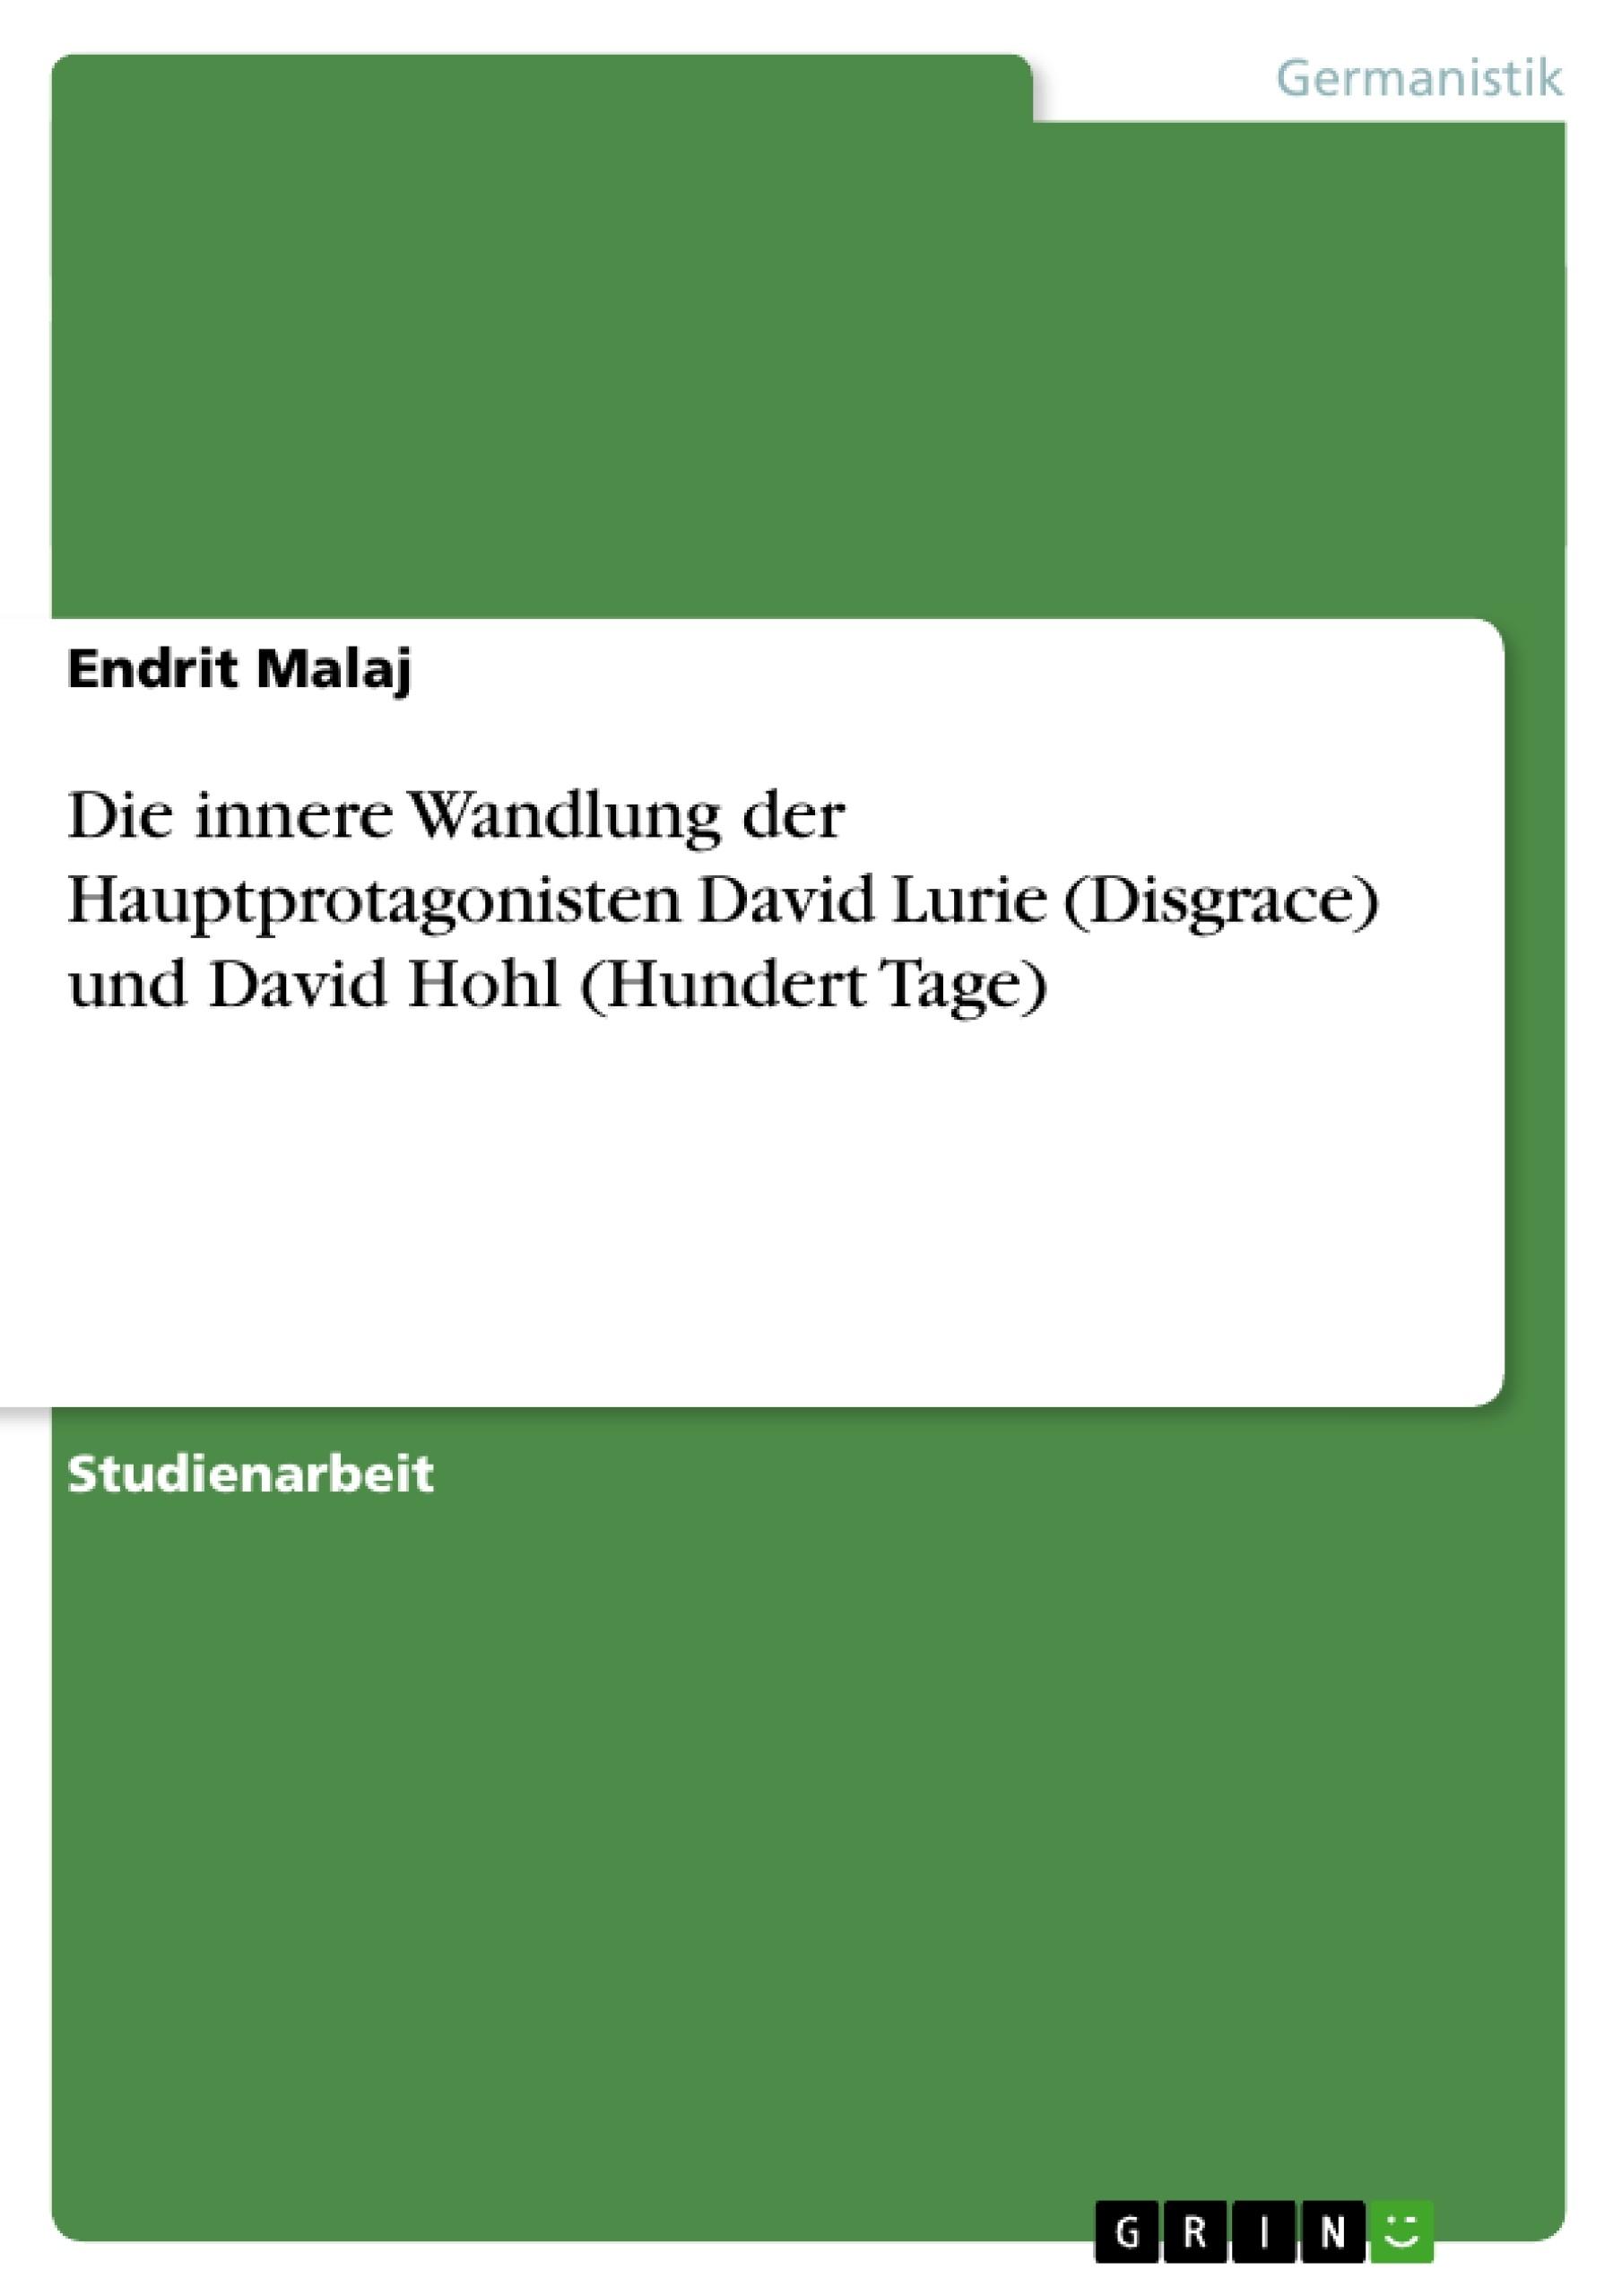 Titel: Die innere Wandlung der Hauptprotagonisten David Lurie (Disgrace) und David Hohl (Hundert Tage)